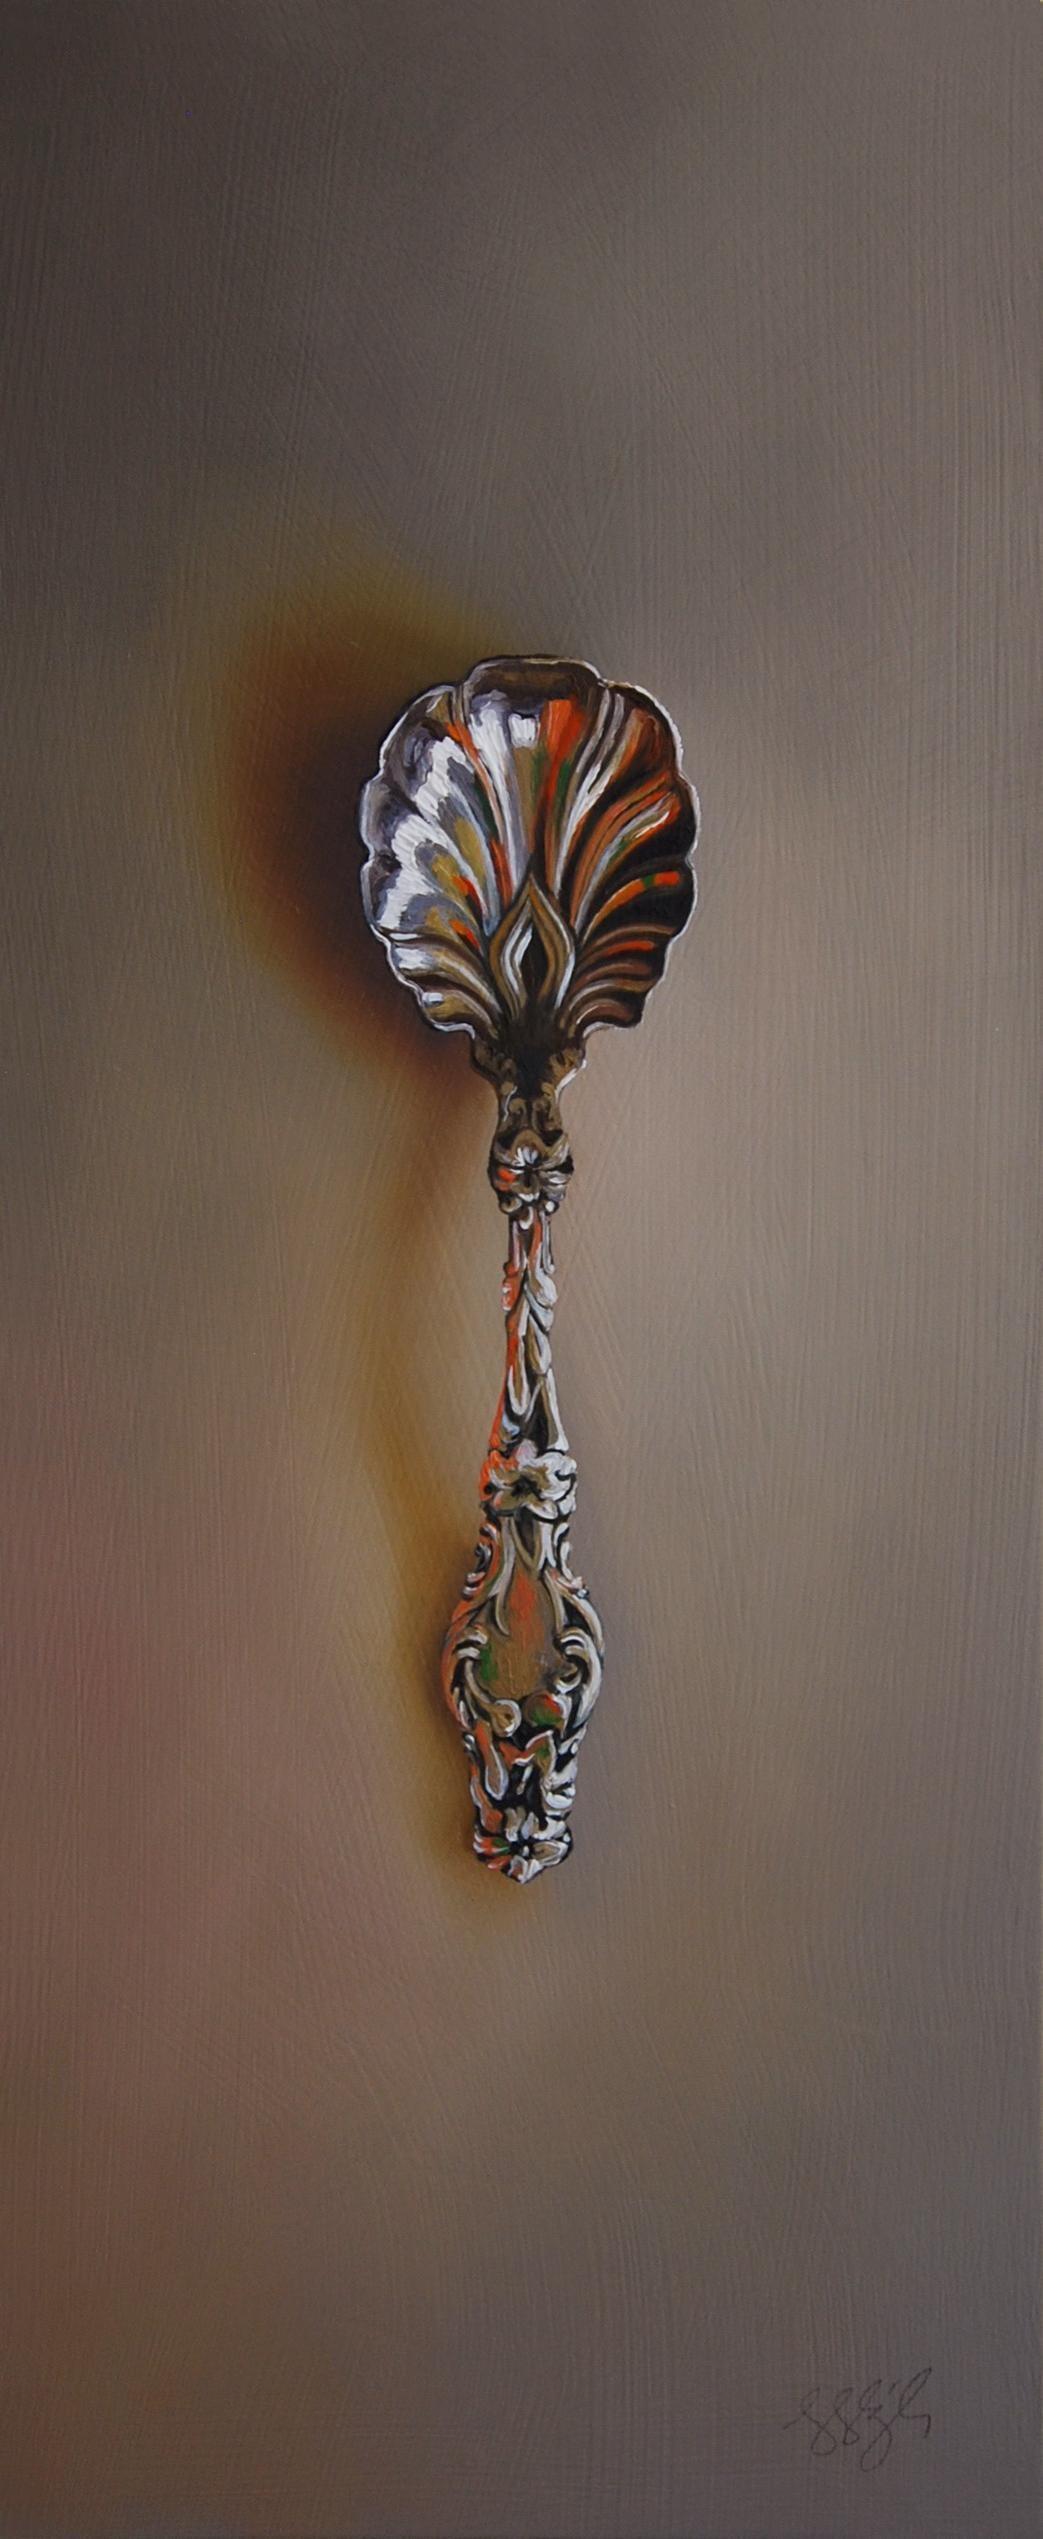 Silver Spoon #138, The Lonliest